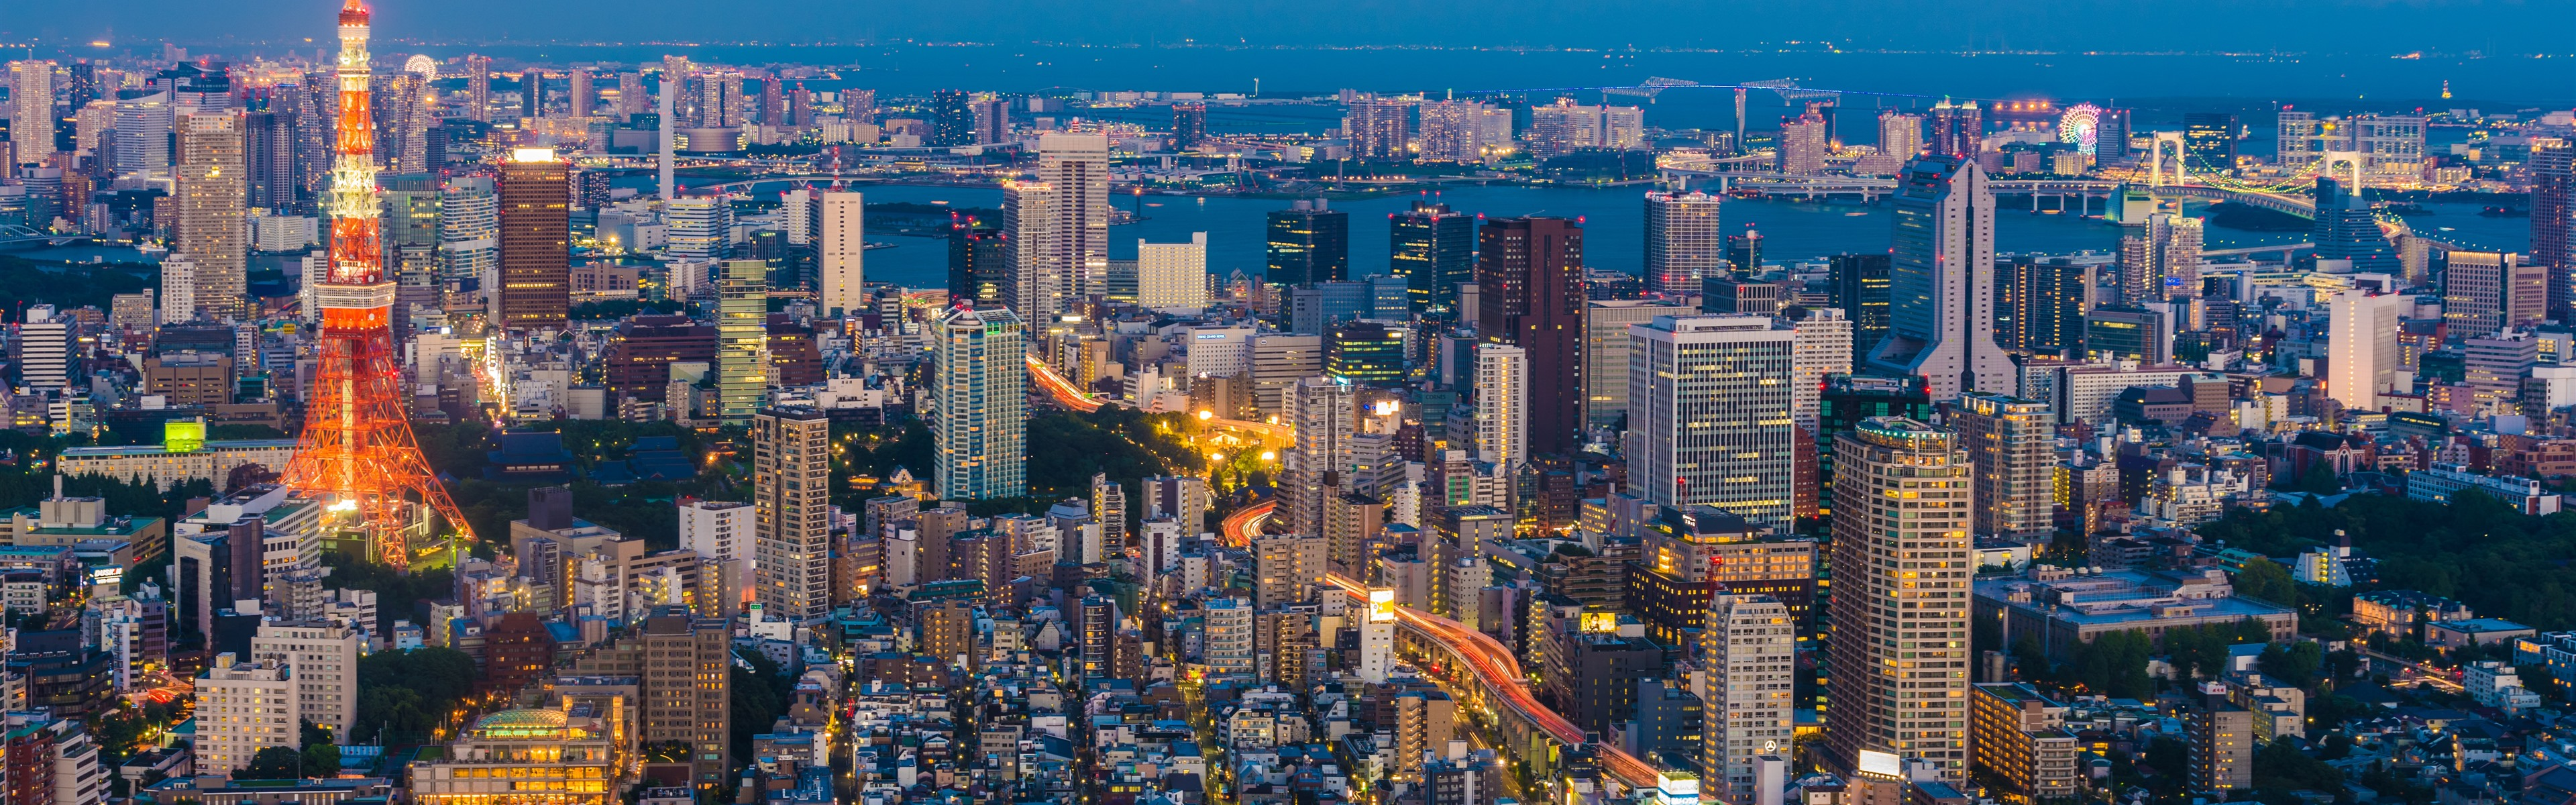 日本 東京 街並み 夜 ライト 高層ビル タワー 1242x26 Iphone 11 Pro Xs Max 壁紙 背景 画像